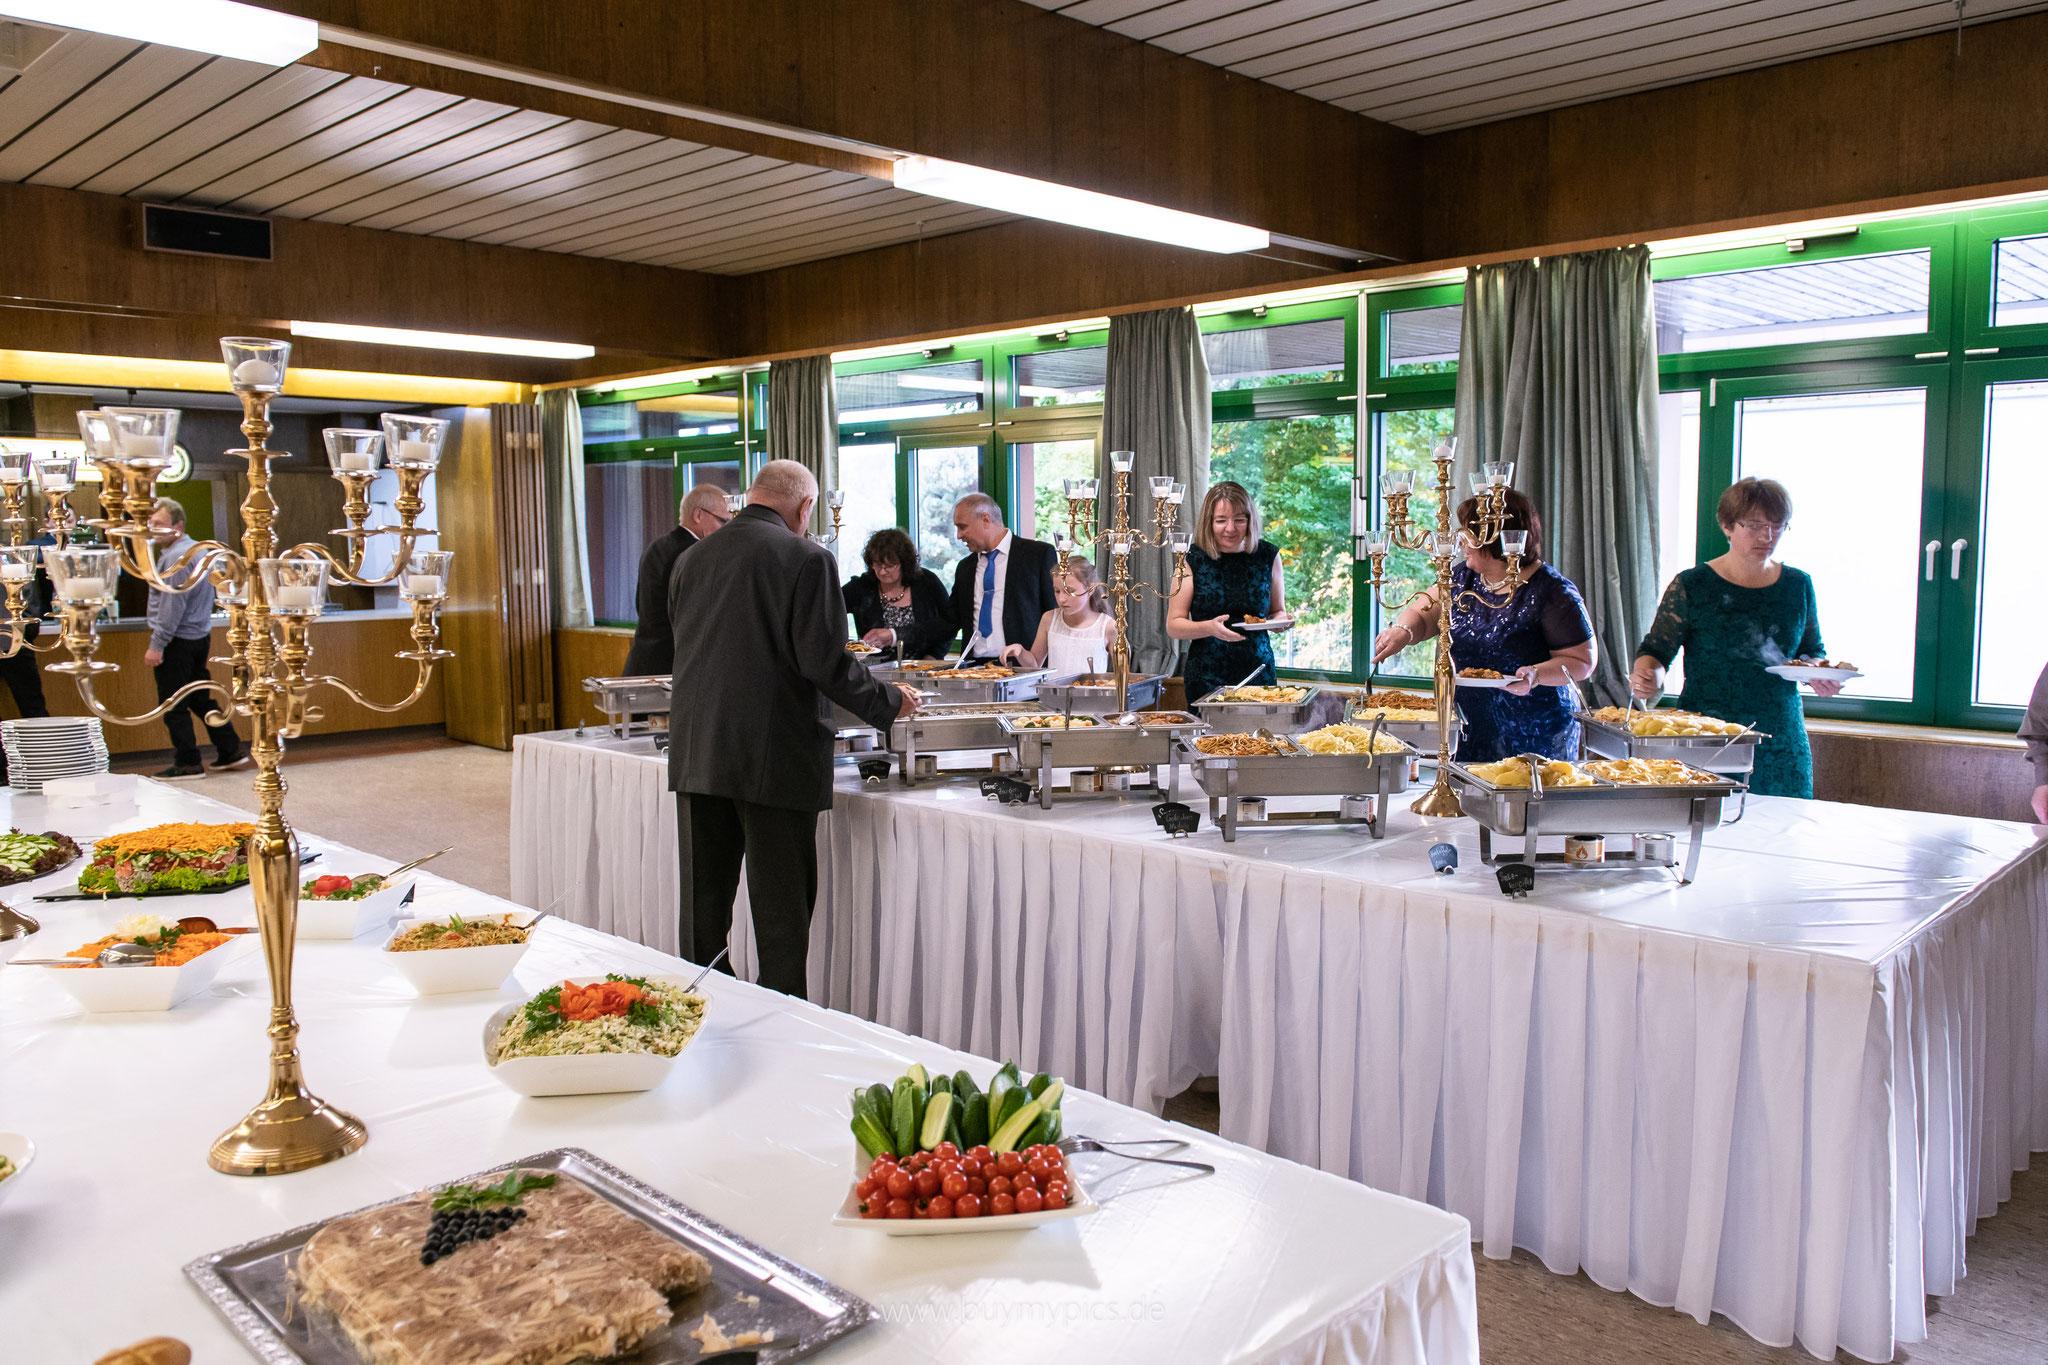 Partyfotograf für deutsch- russisches Anlässe in Greifenstein und Umgebung